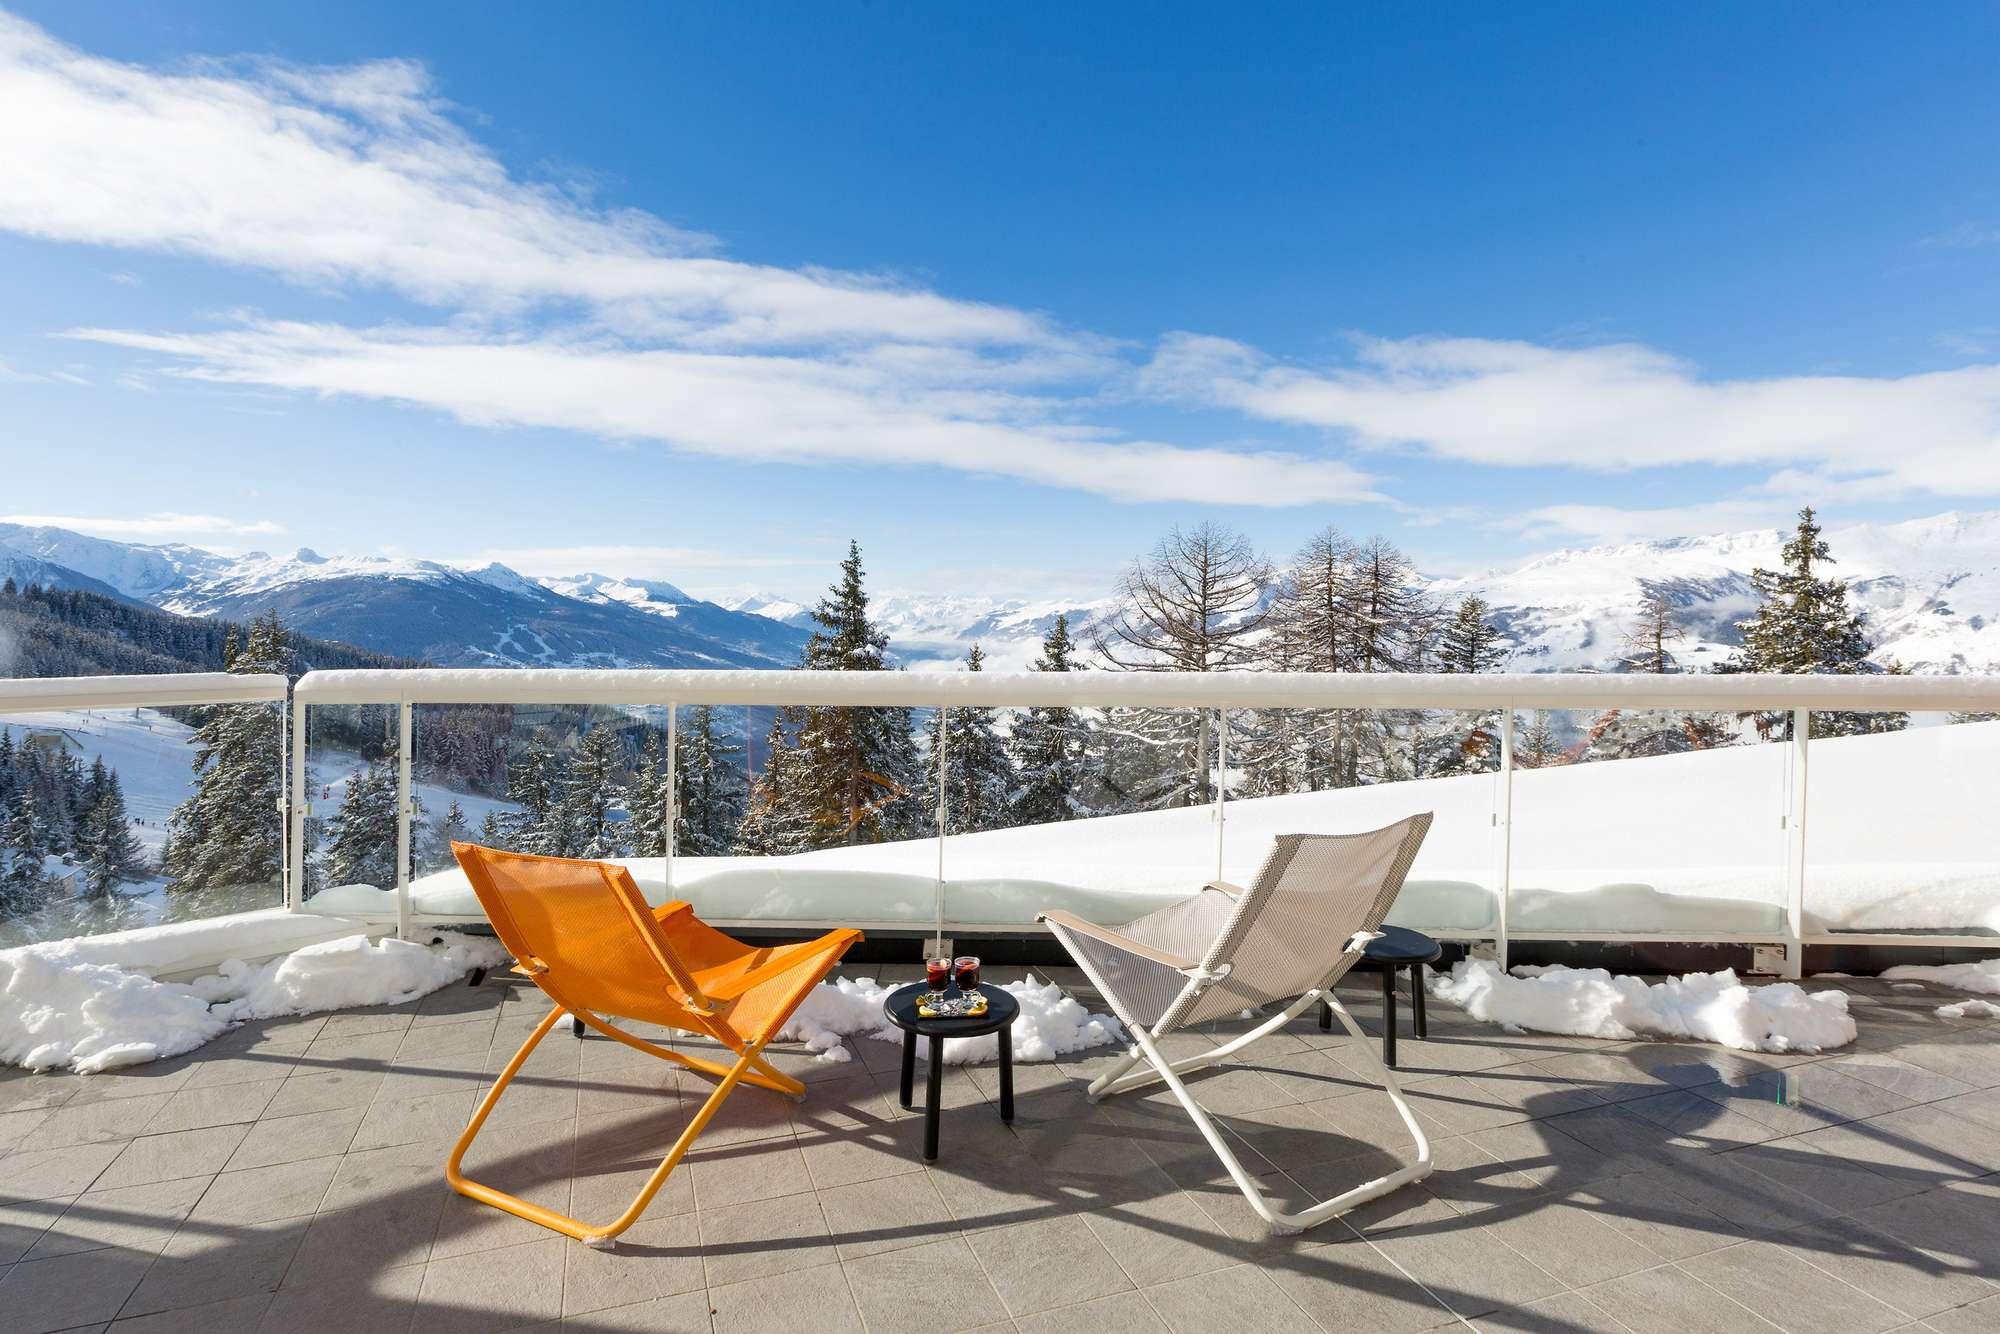 Resort des Arcs Panorama da Club Med. Foto retirada do site.